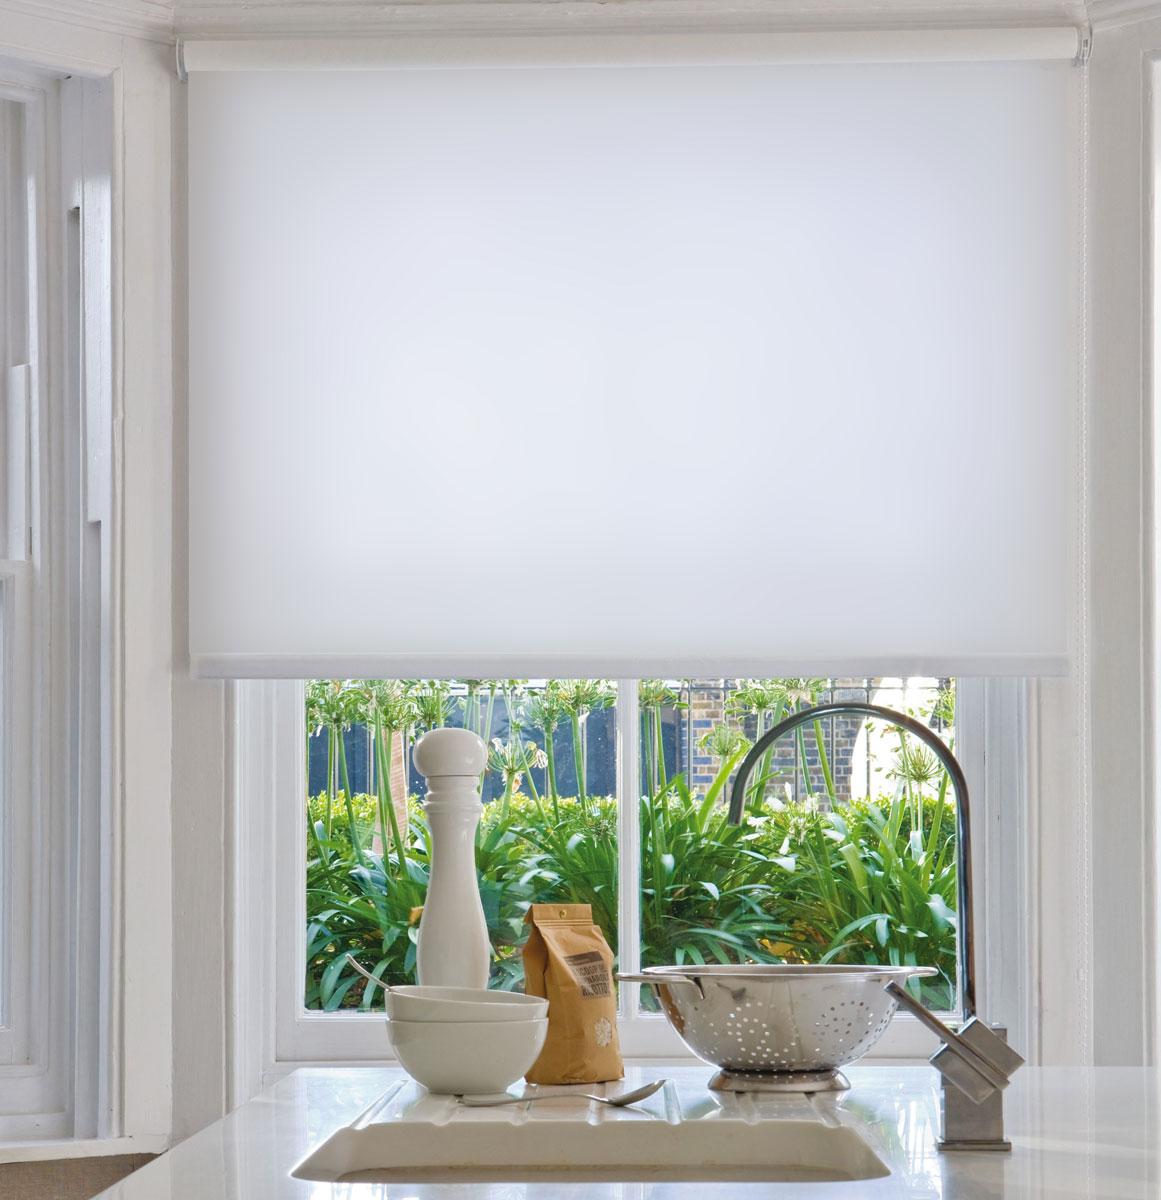 Миниролло KauffOrt 57х170 см, светонепроницаемая, цвет: белый94057007Рулонная штора Миниролло выполнена из высокопрочной полностью светонепроницаемой ткани белого цвета, которая сохраняет свой размер даже при намокании. Ткань не выцветает и обладает отличной цветоустойчивостью. Миниролло - это подвид рулонных штор, который закрывает не весь оконный проем, а непосредственно само стекло. Такие шторы крепятся на раму без сверления при помощи зажимов или клейкой двухсторонней ленты. Окно остаётся на гарантии, благодаря монтажу без сверления. Такая штора станет прекрасным элементом декора окна и гармонично впишется в интерьер любого помещения.